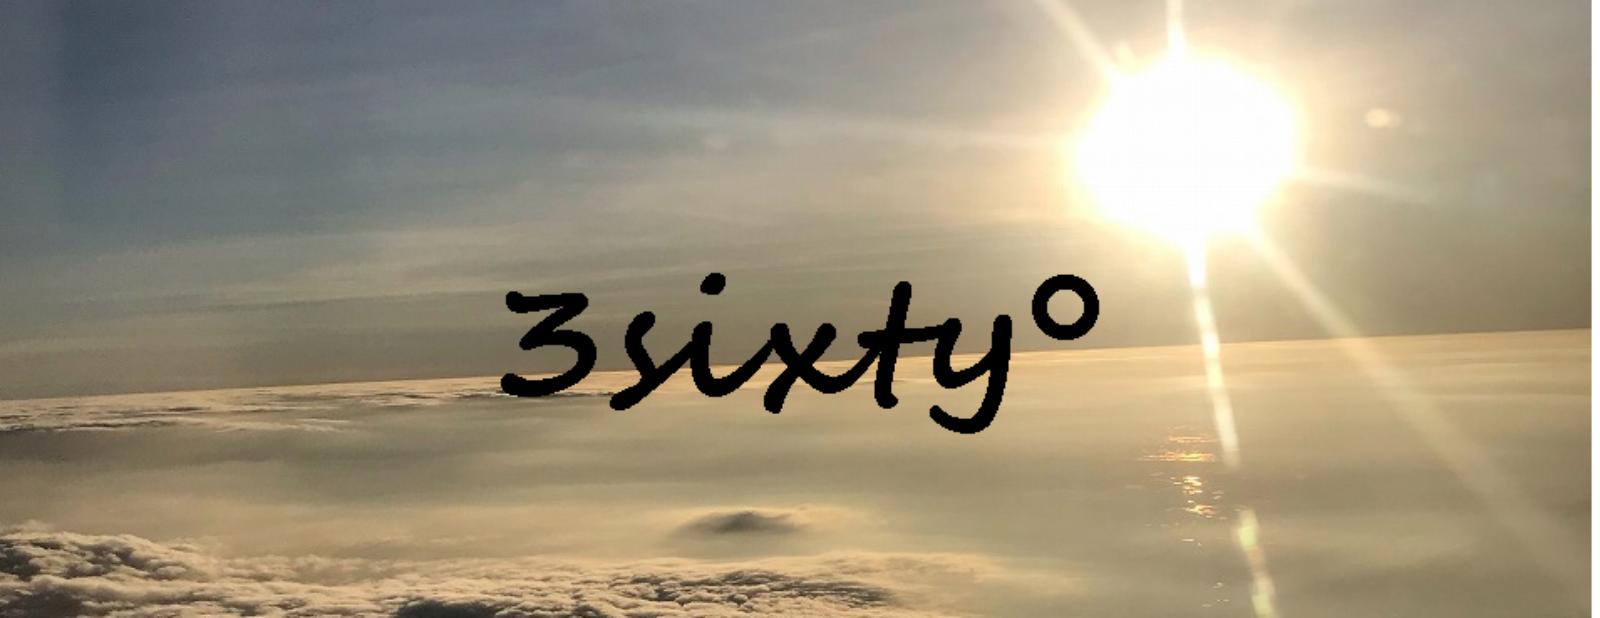 3sixty°